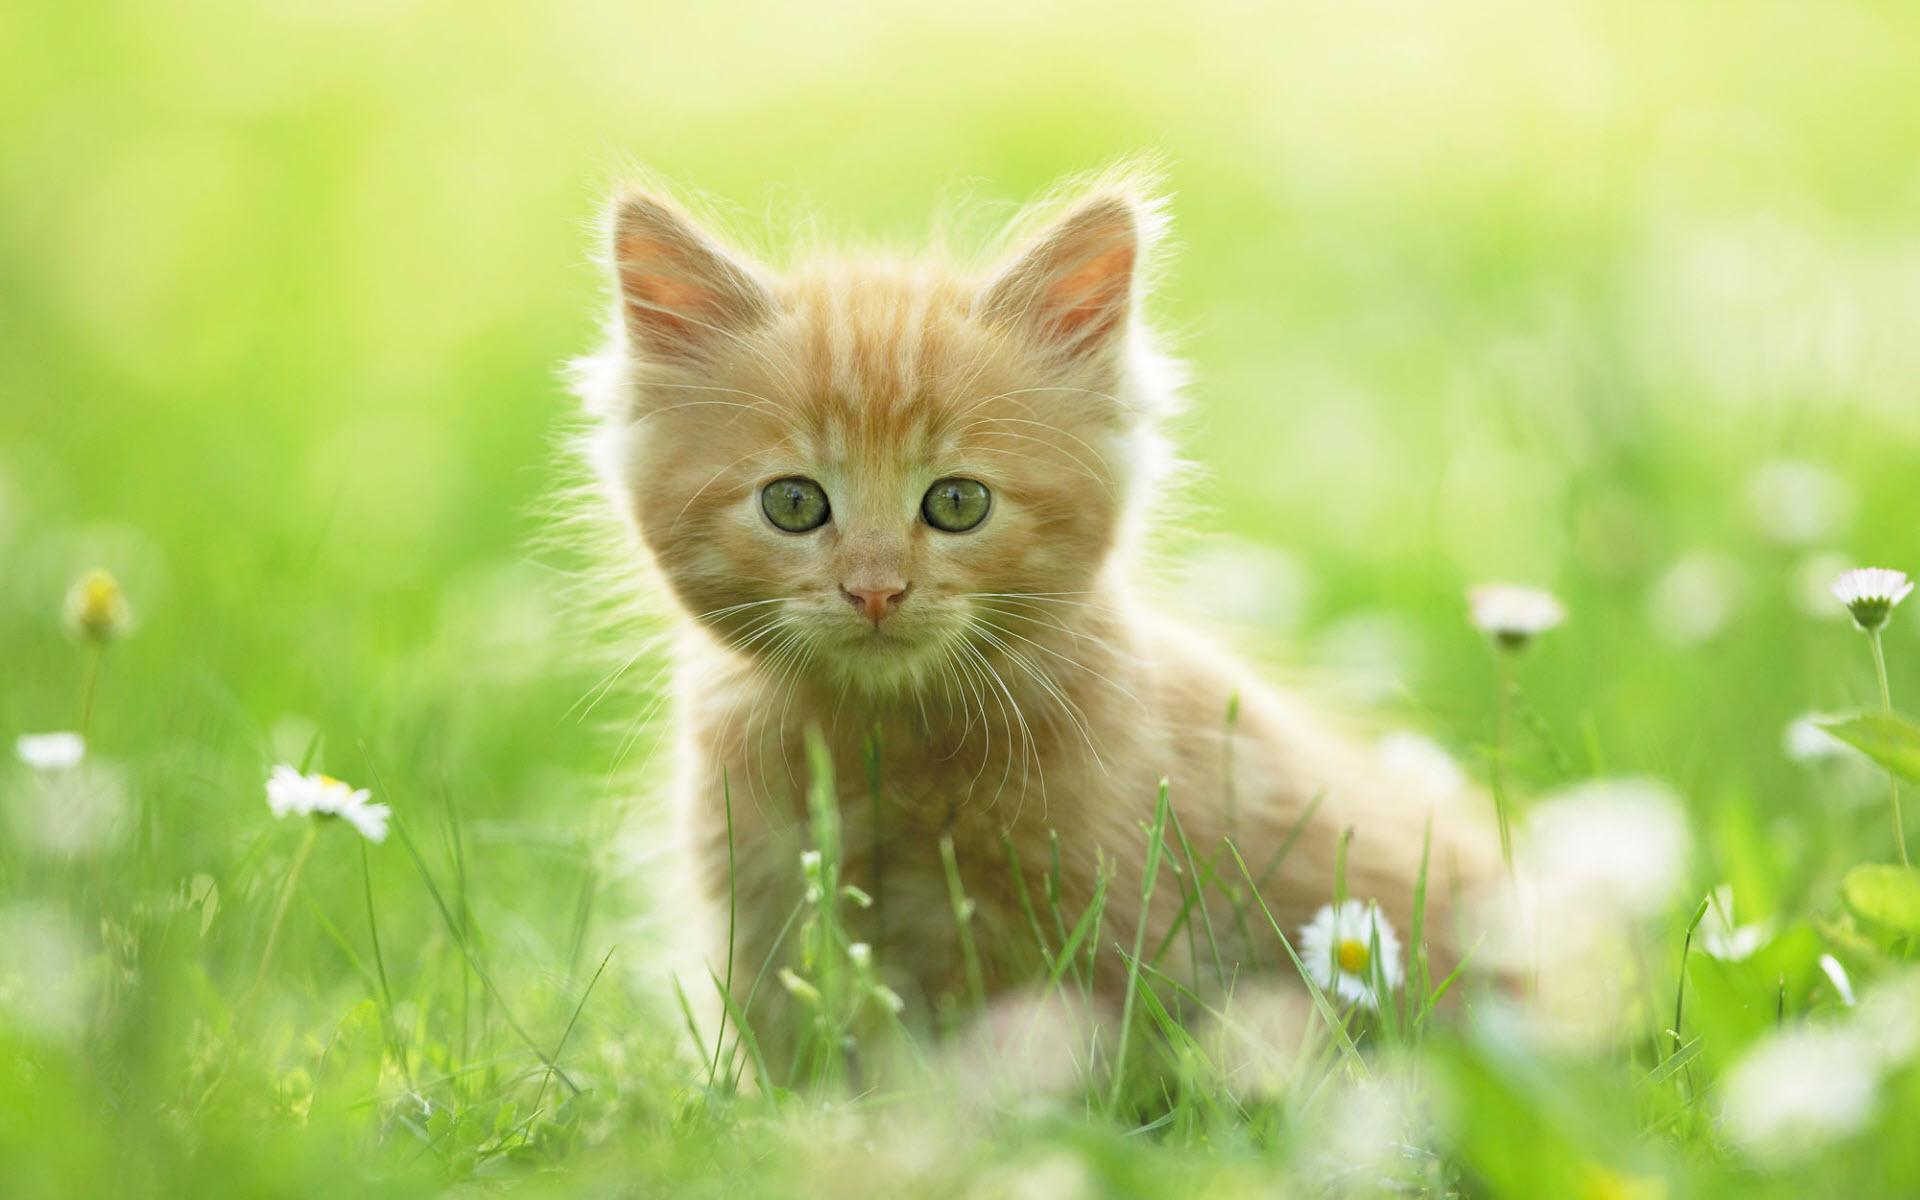 Cute Kitten Wallpapers HD Wallpapers 1920x1200